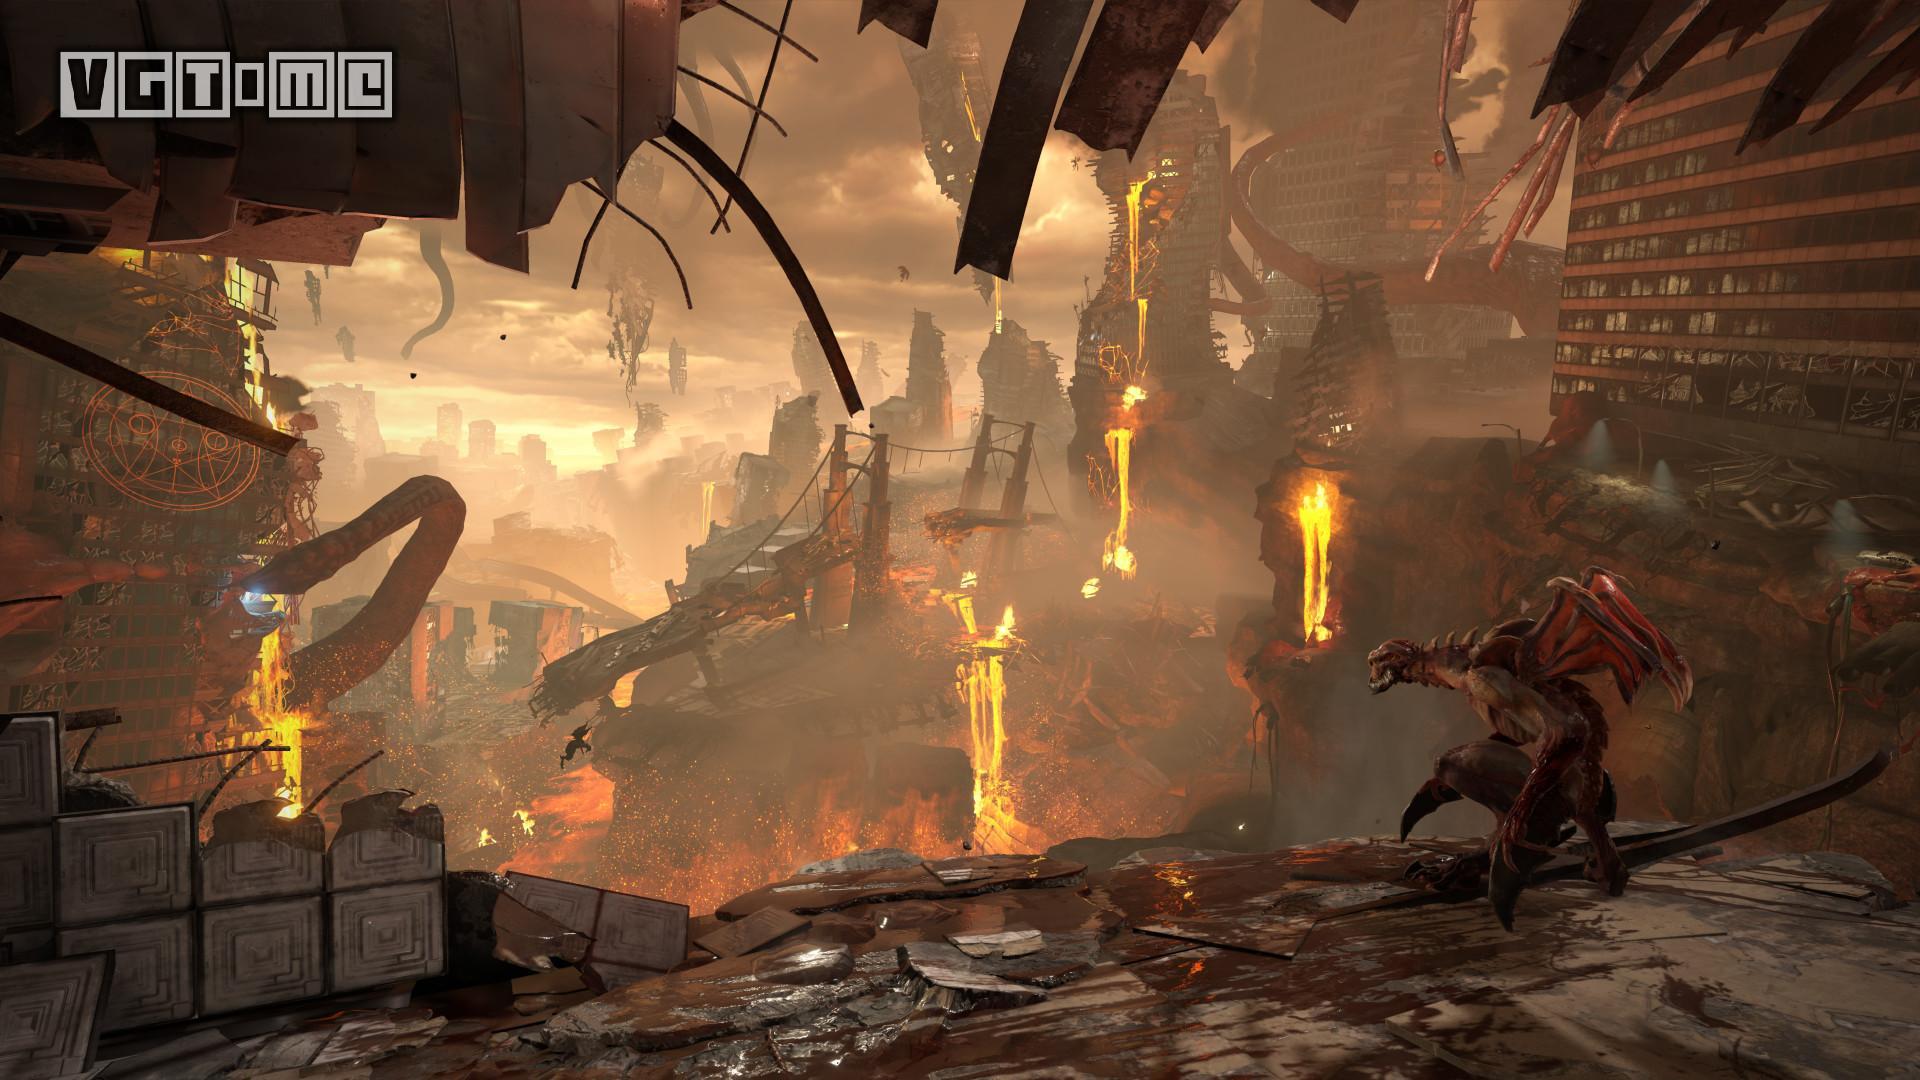 毁灭战士3不能玩_《毁灭战士 永恒》新实机演示公开,流程将是前作的两倍 - vgtime.com